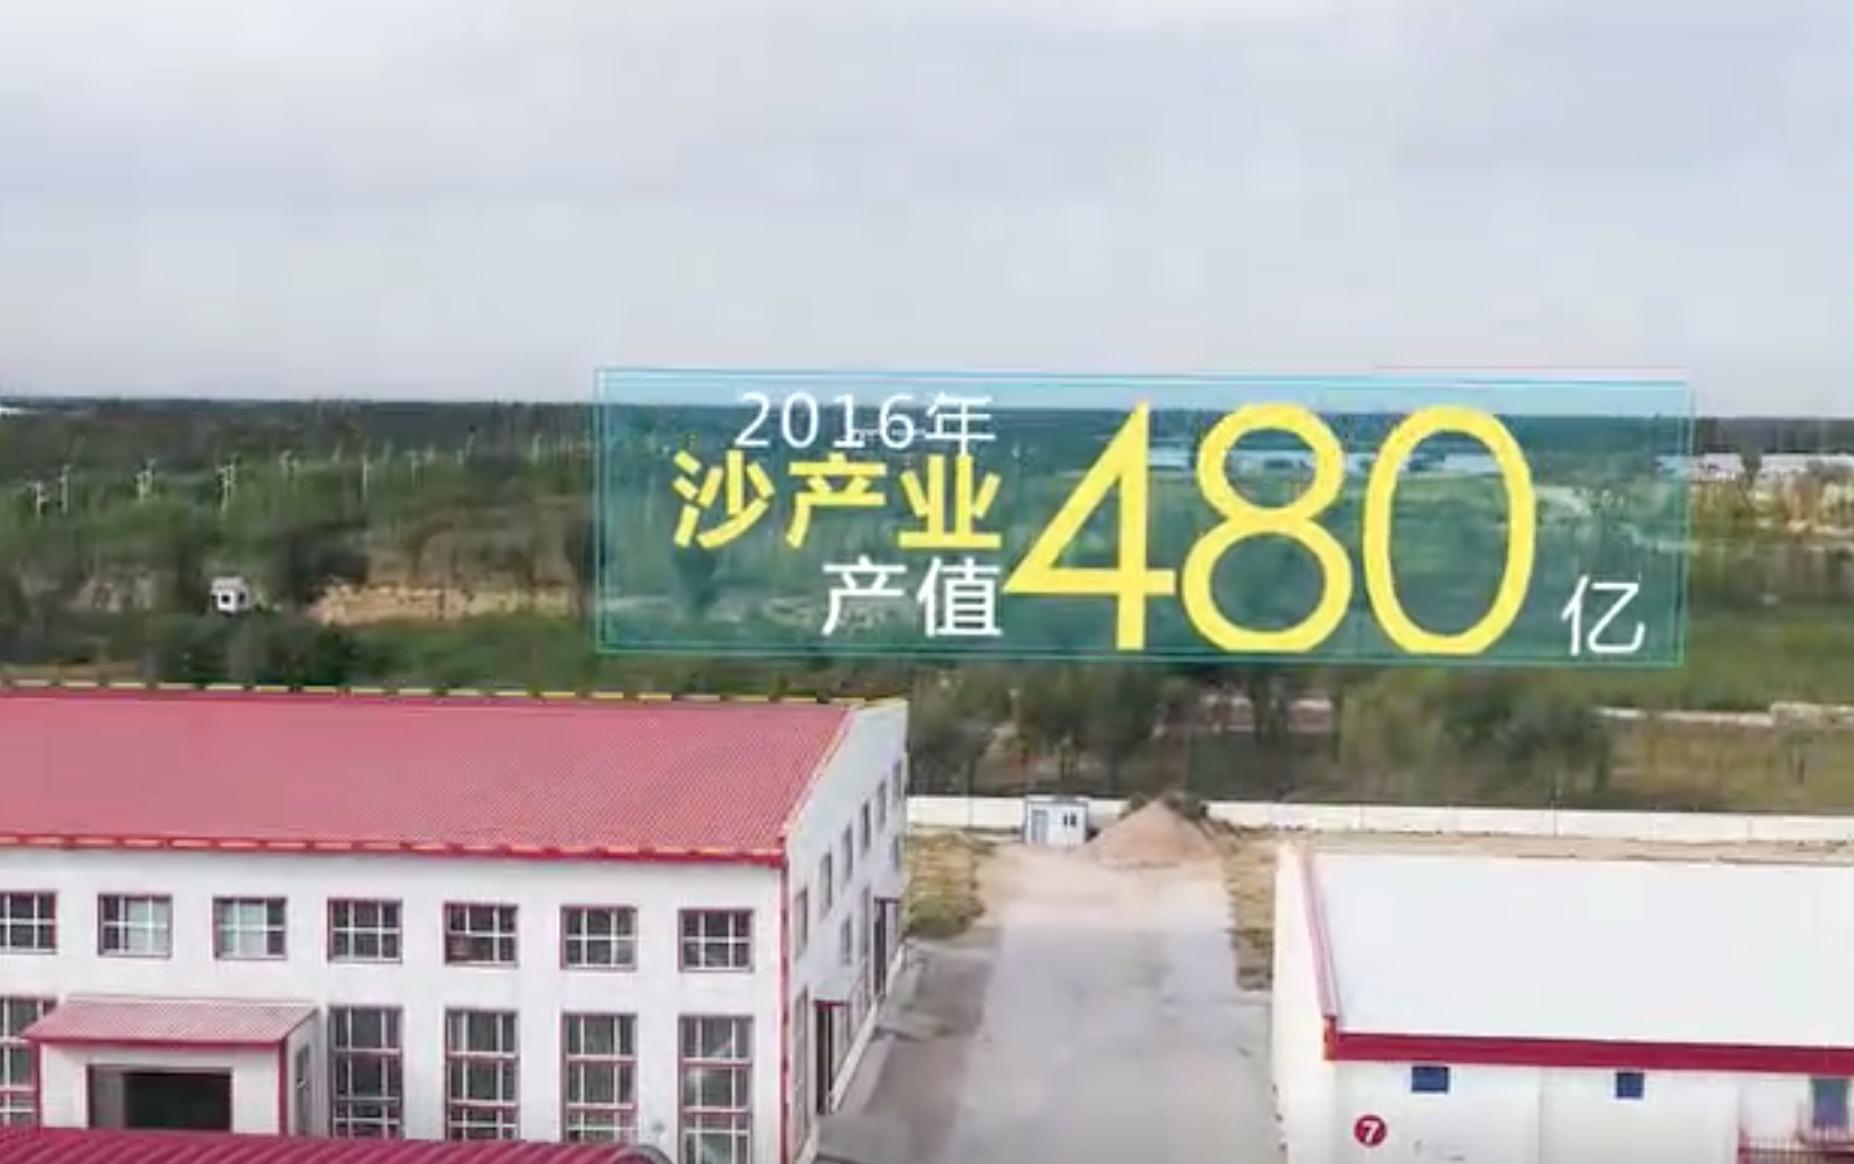 内蒙古卫视《还看今朝》